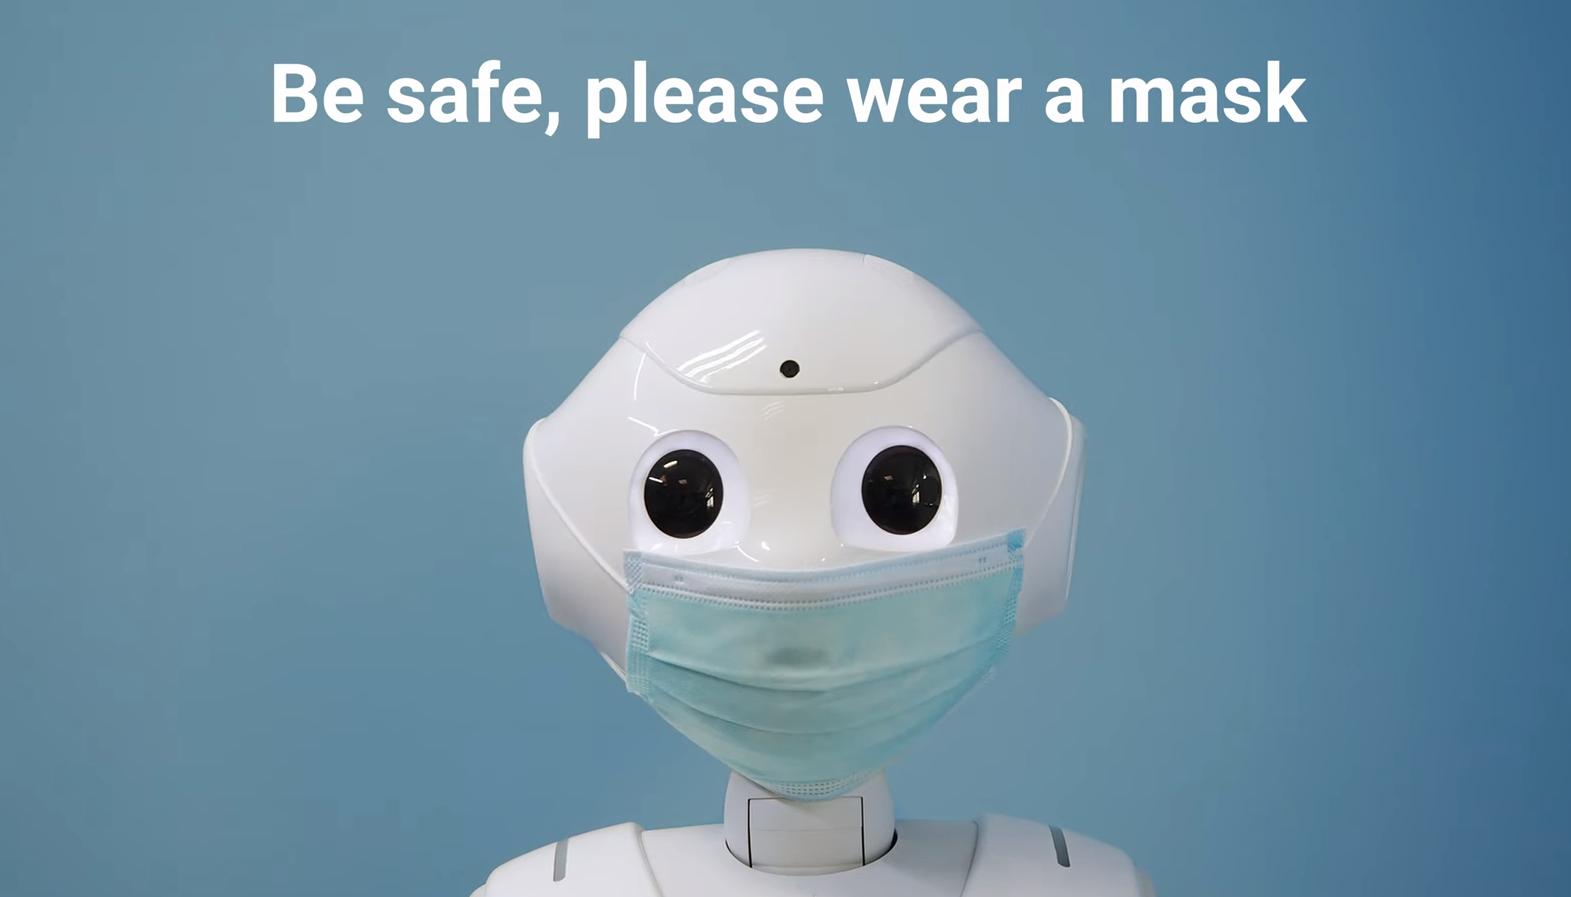 Pepper Face mask